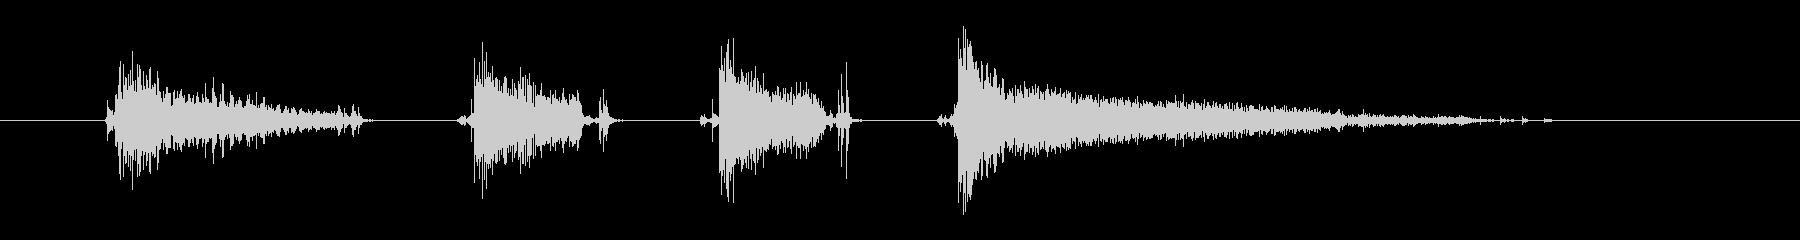 エレキギター(ファンキー2)の未再生の波形